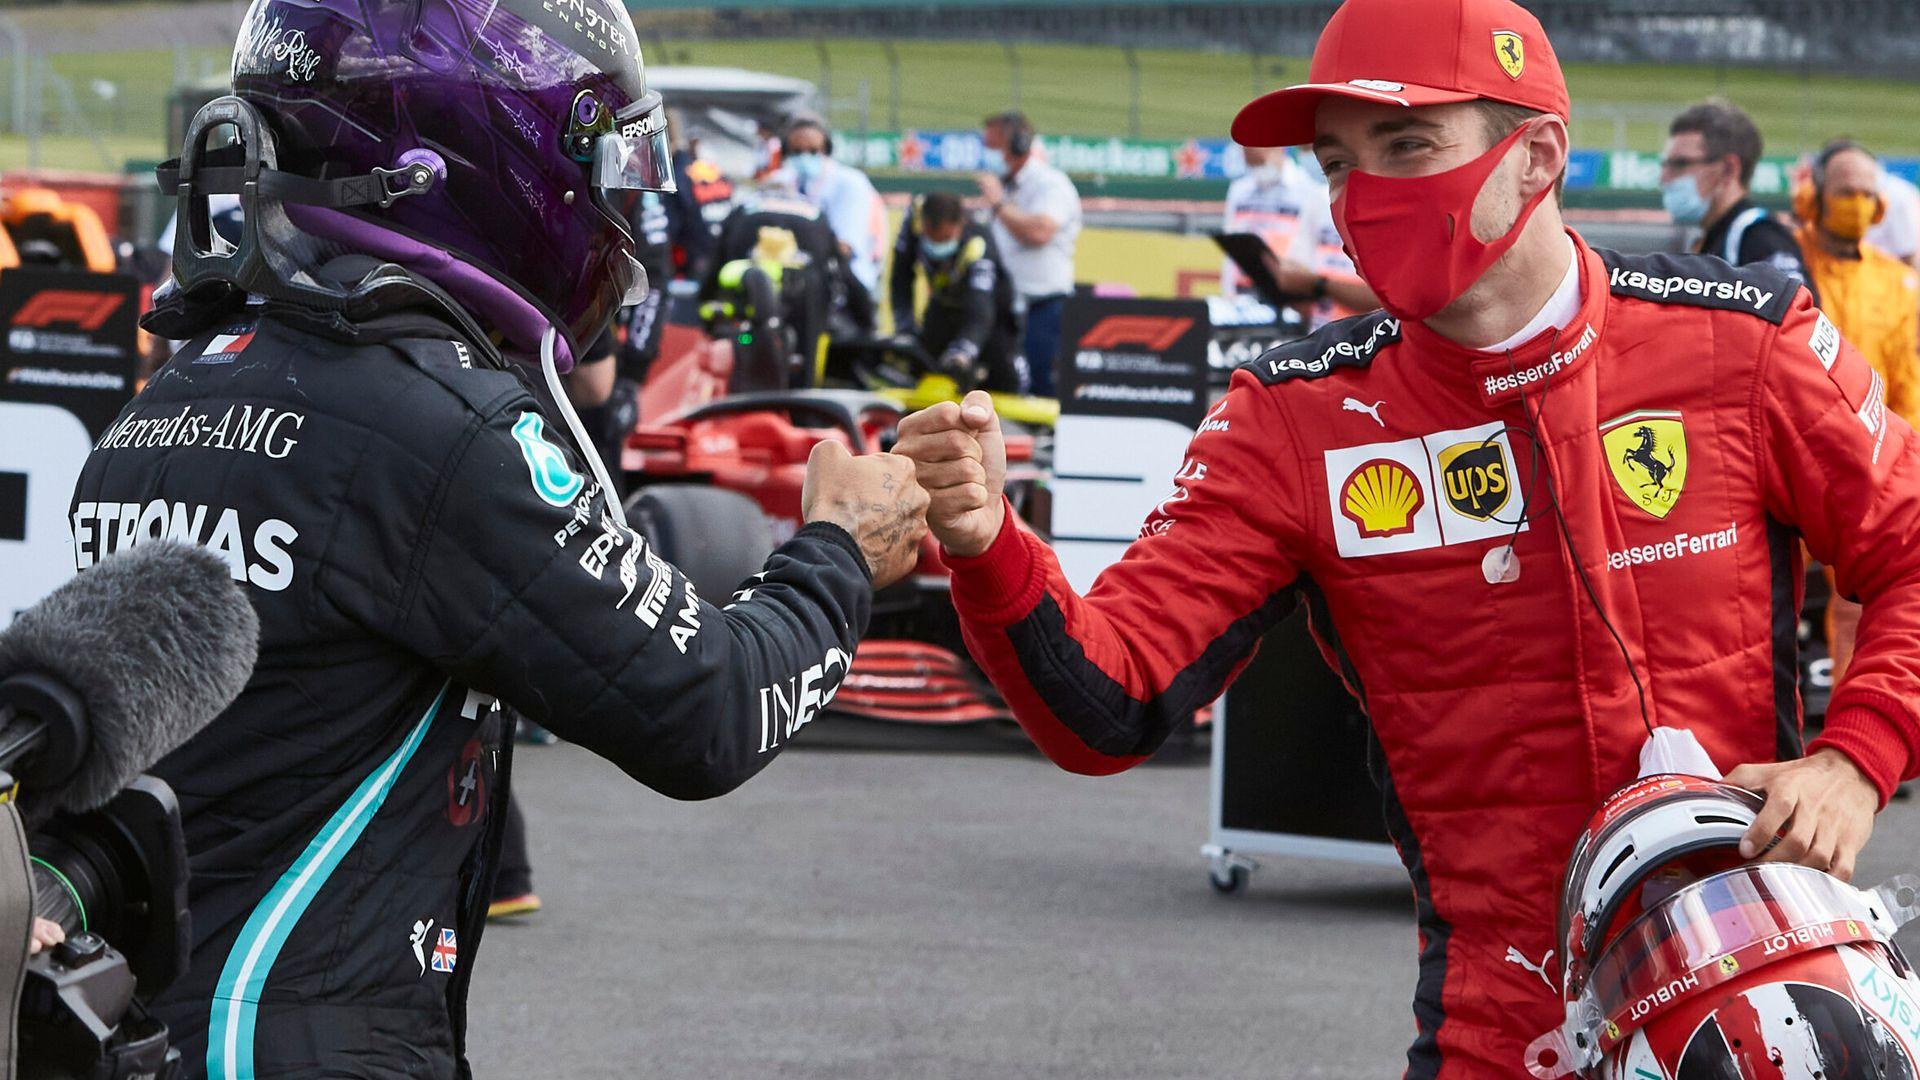 F1 Gossip: Leclerc compared to Schumacher, Hamilton